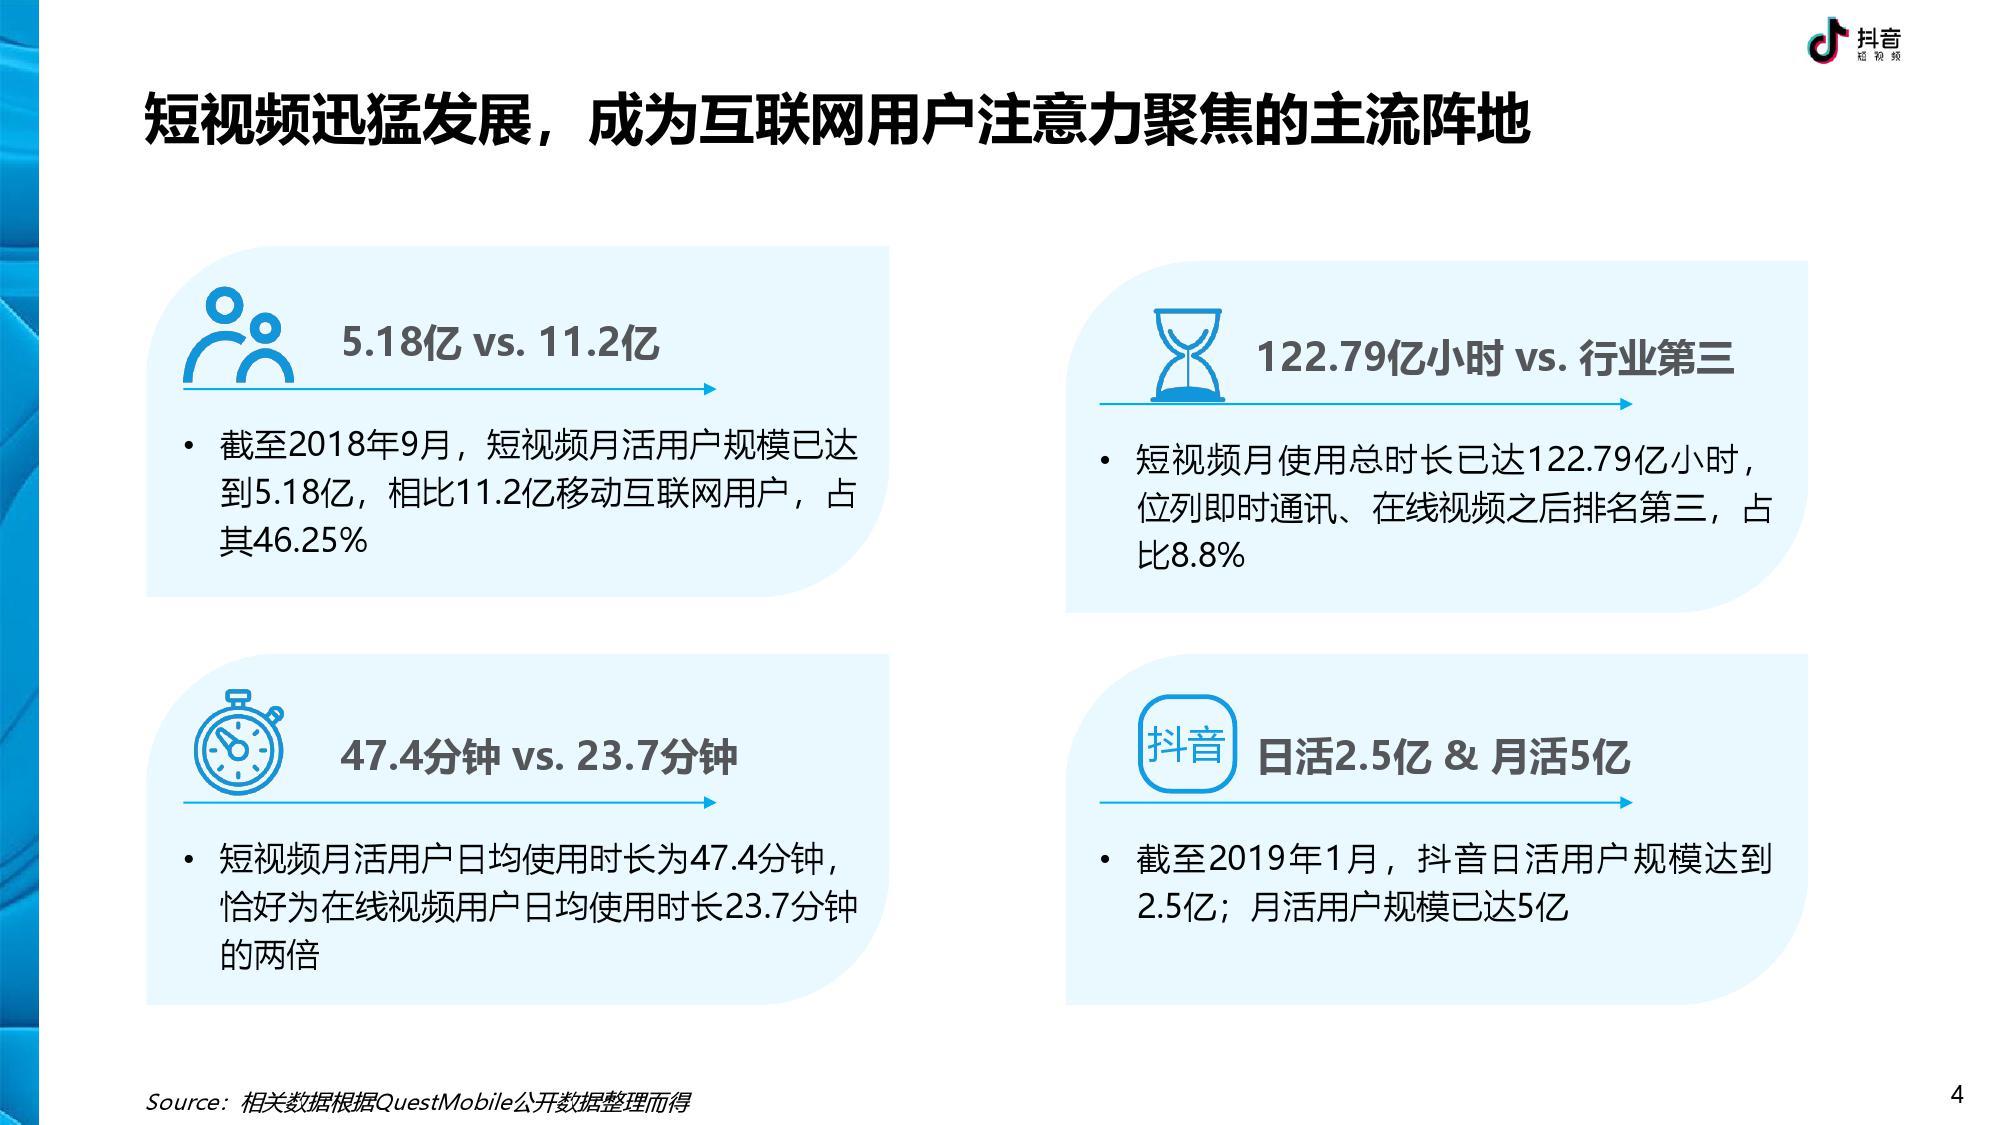 抖音 DTV 广告营销价值白皮书-CNMOAD 中文移动营销资讯 4